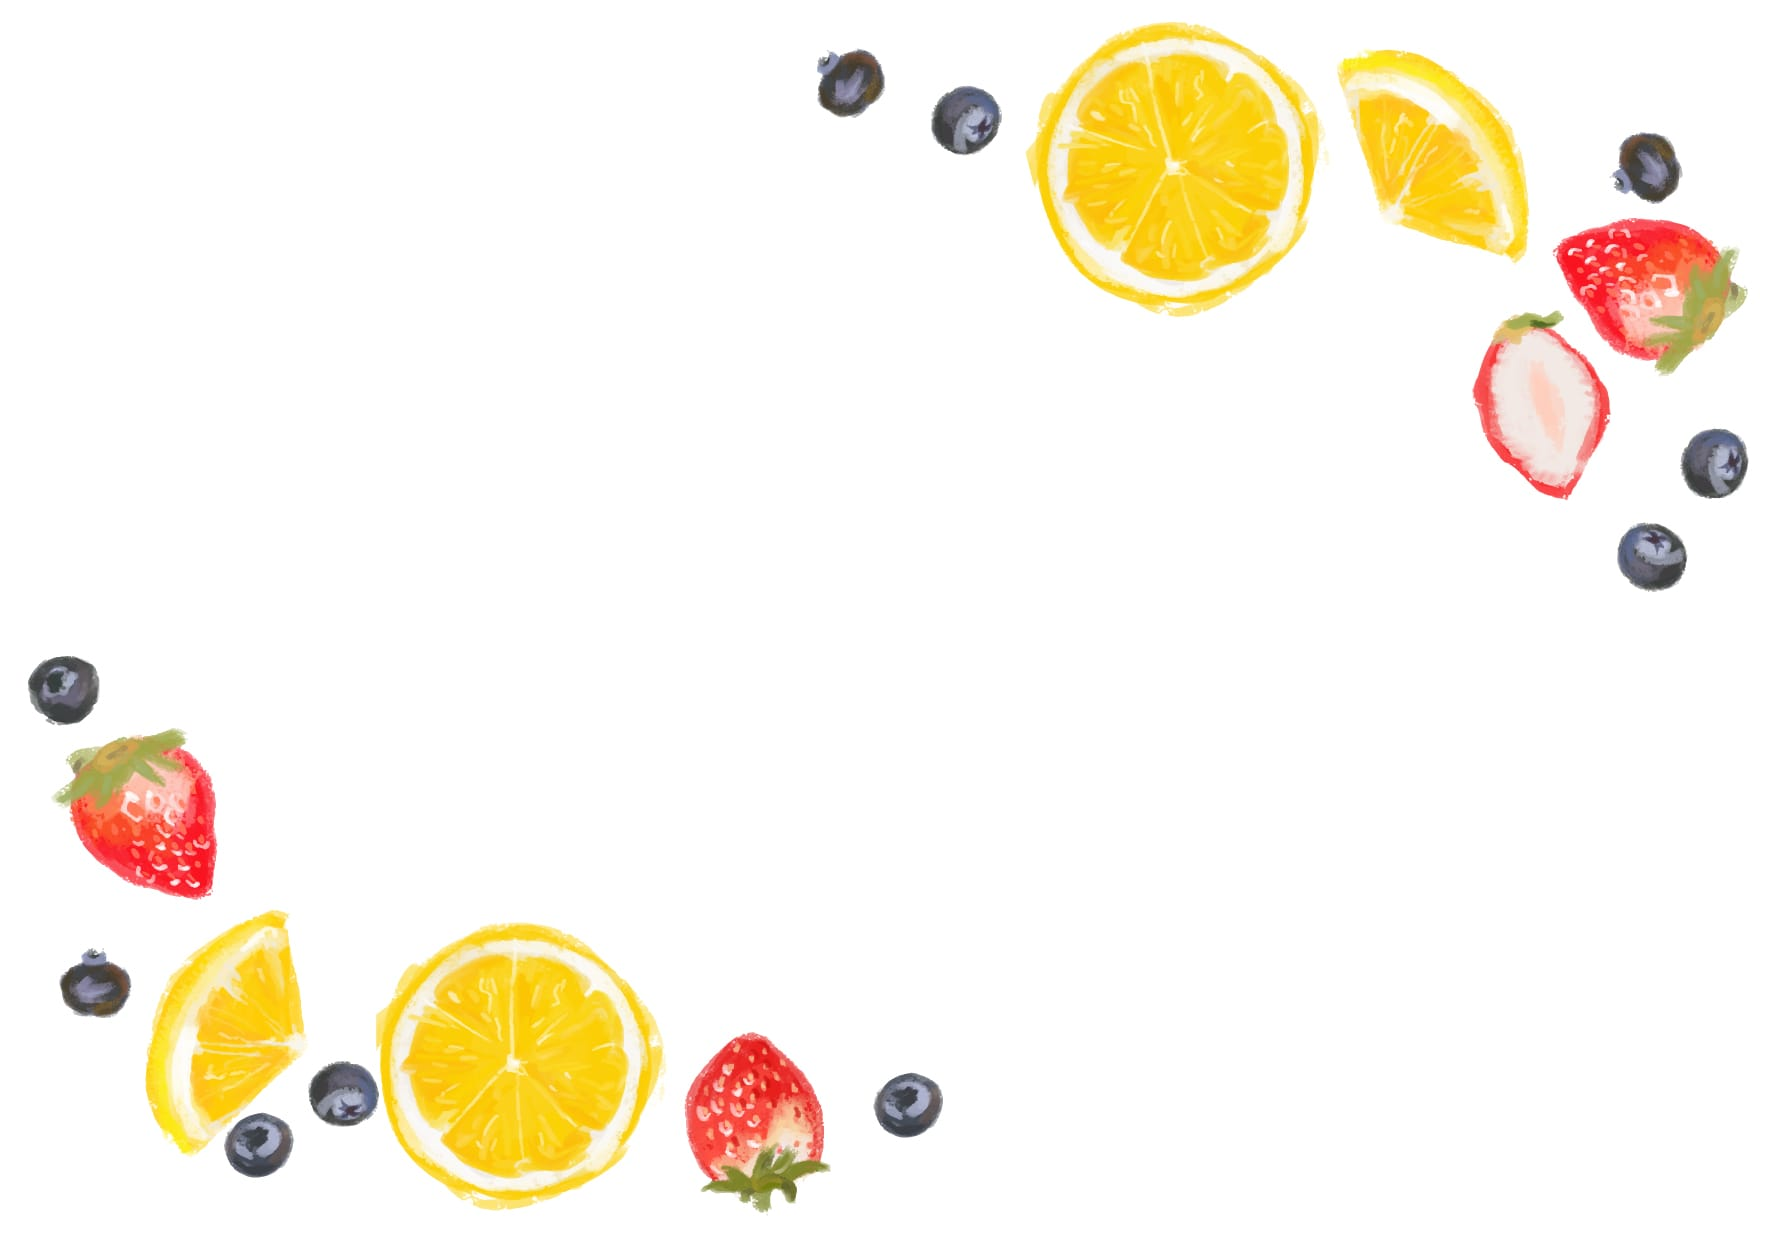 手書きイラスト無料|手書き いちご オレンジ ブルーベリー 背景